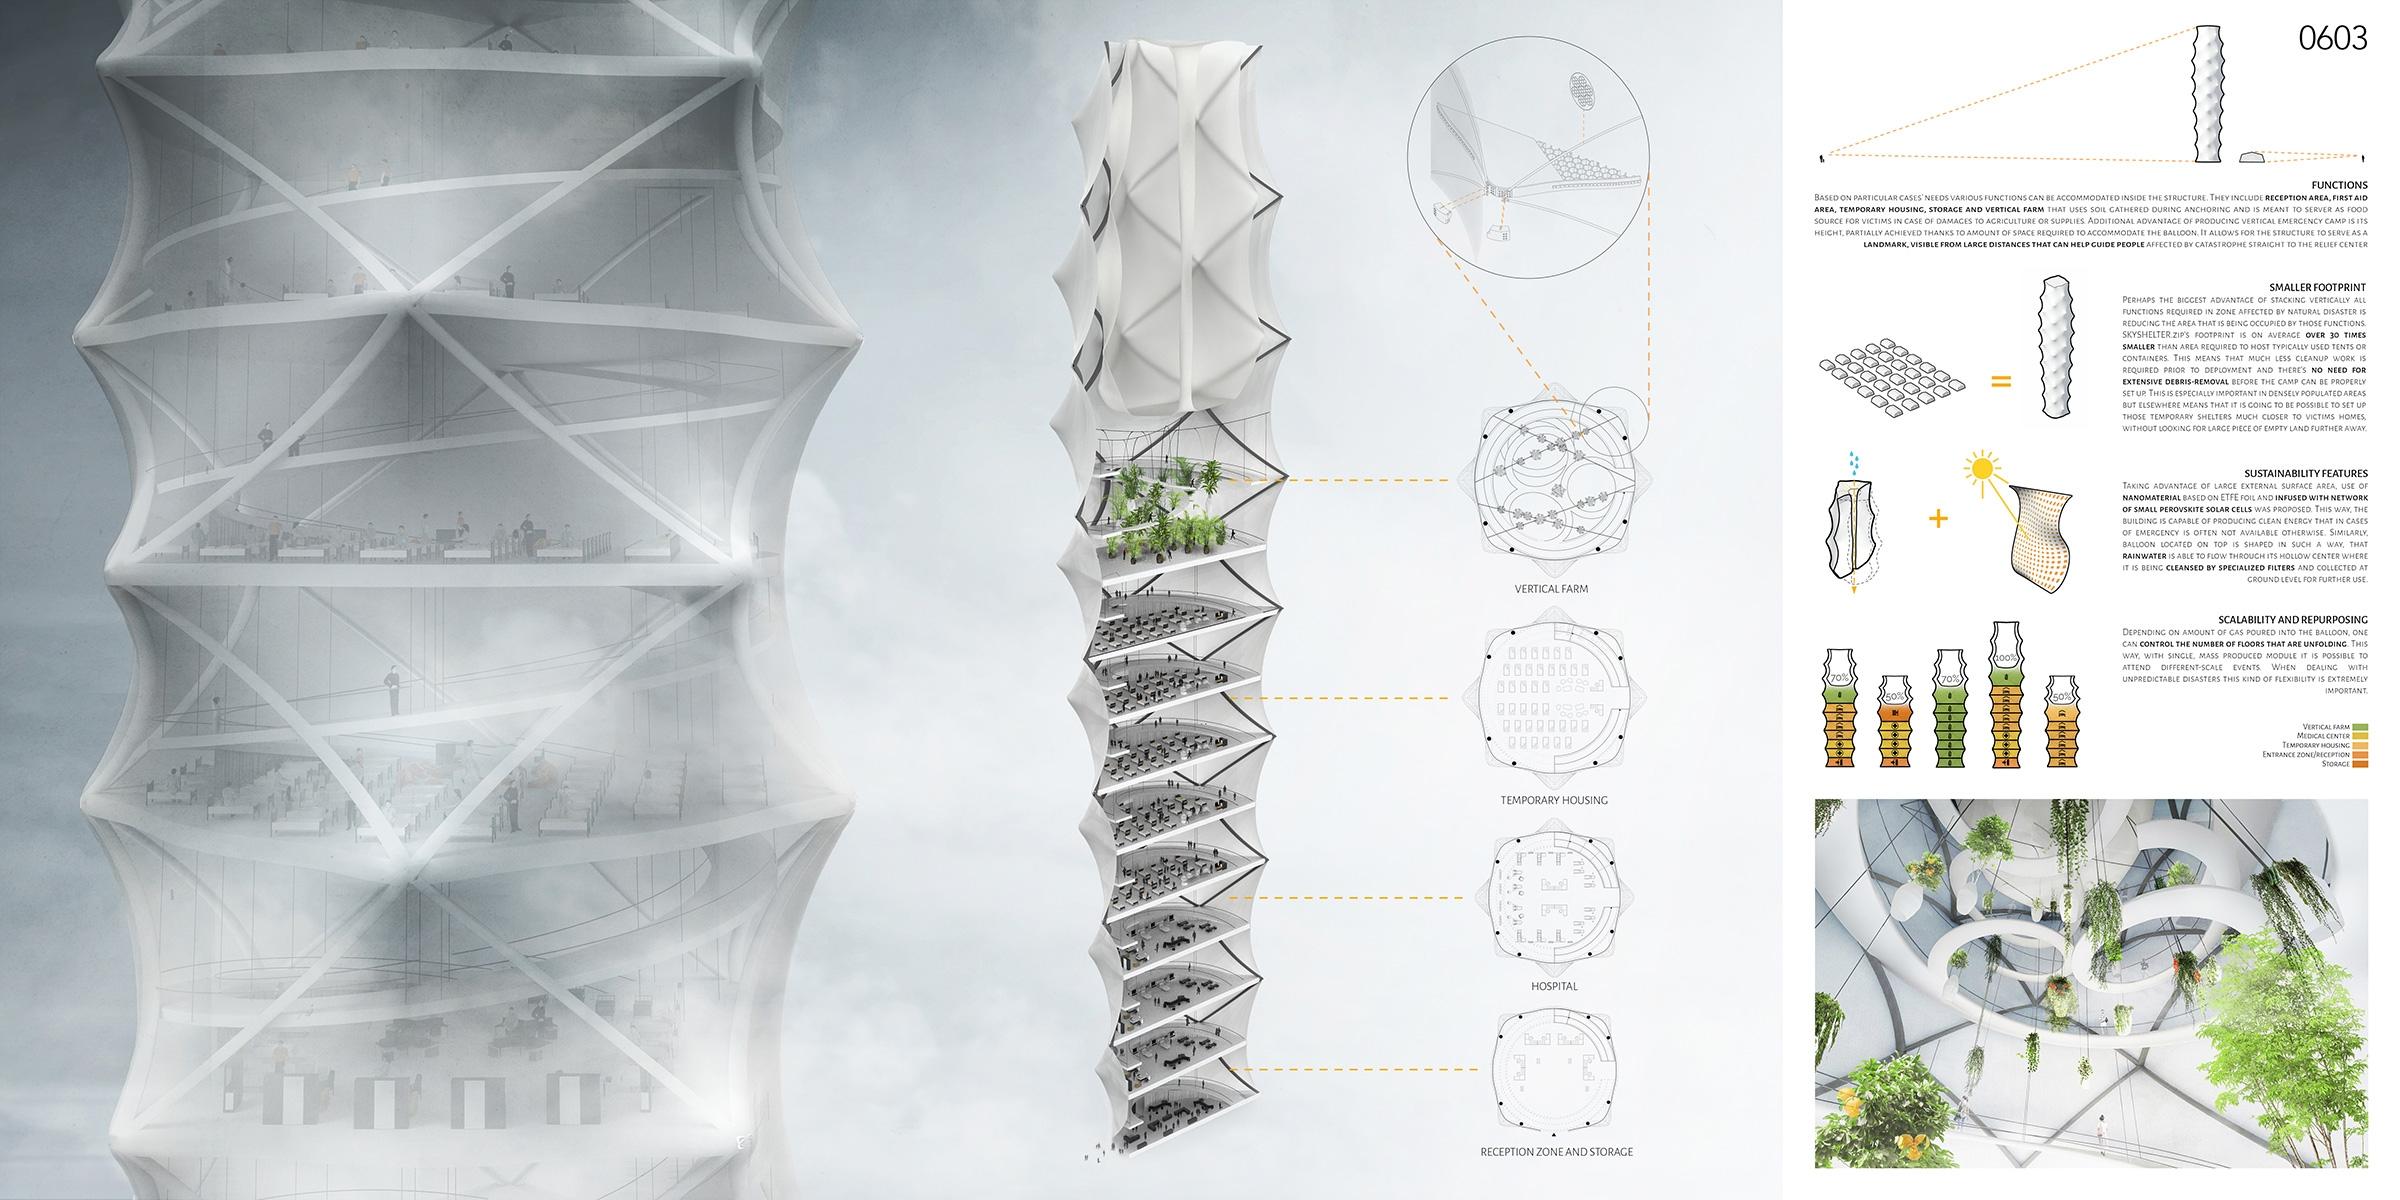 Поляки придумали складной небоскреб-оригами для тысячи бездомных Поляки придумали складной небоскреб-оригами для тысячи бездомных 271826